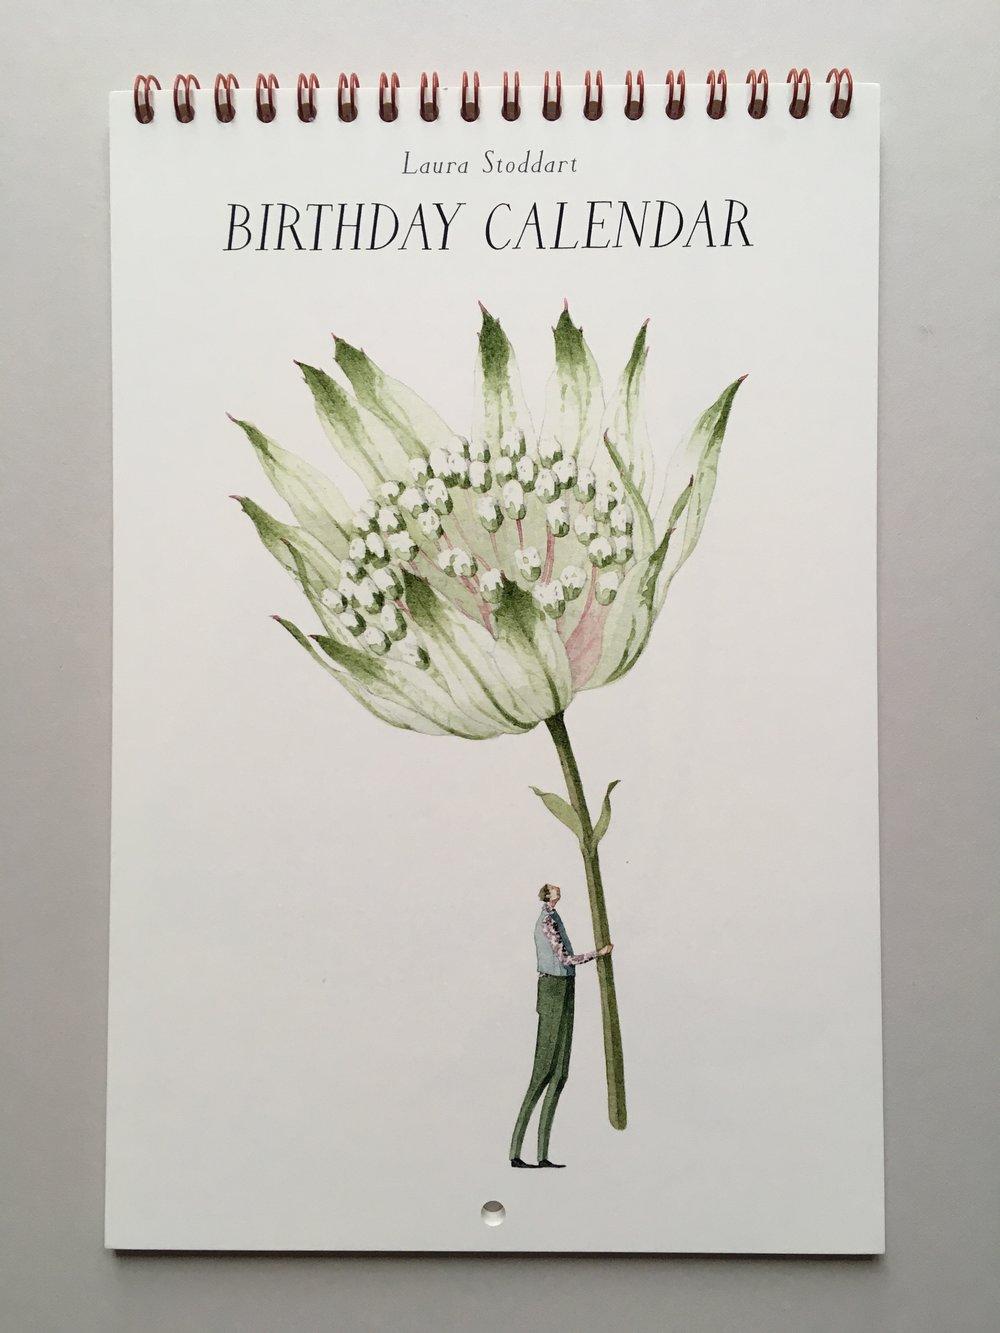 New Calendar in Laura Stoddart's Blooms Range